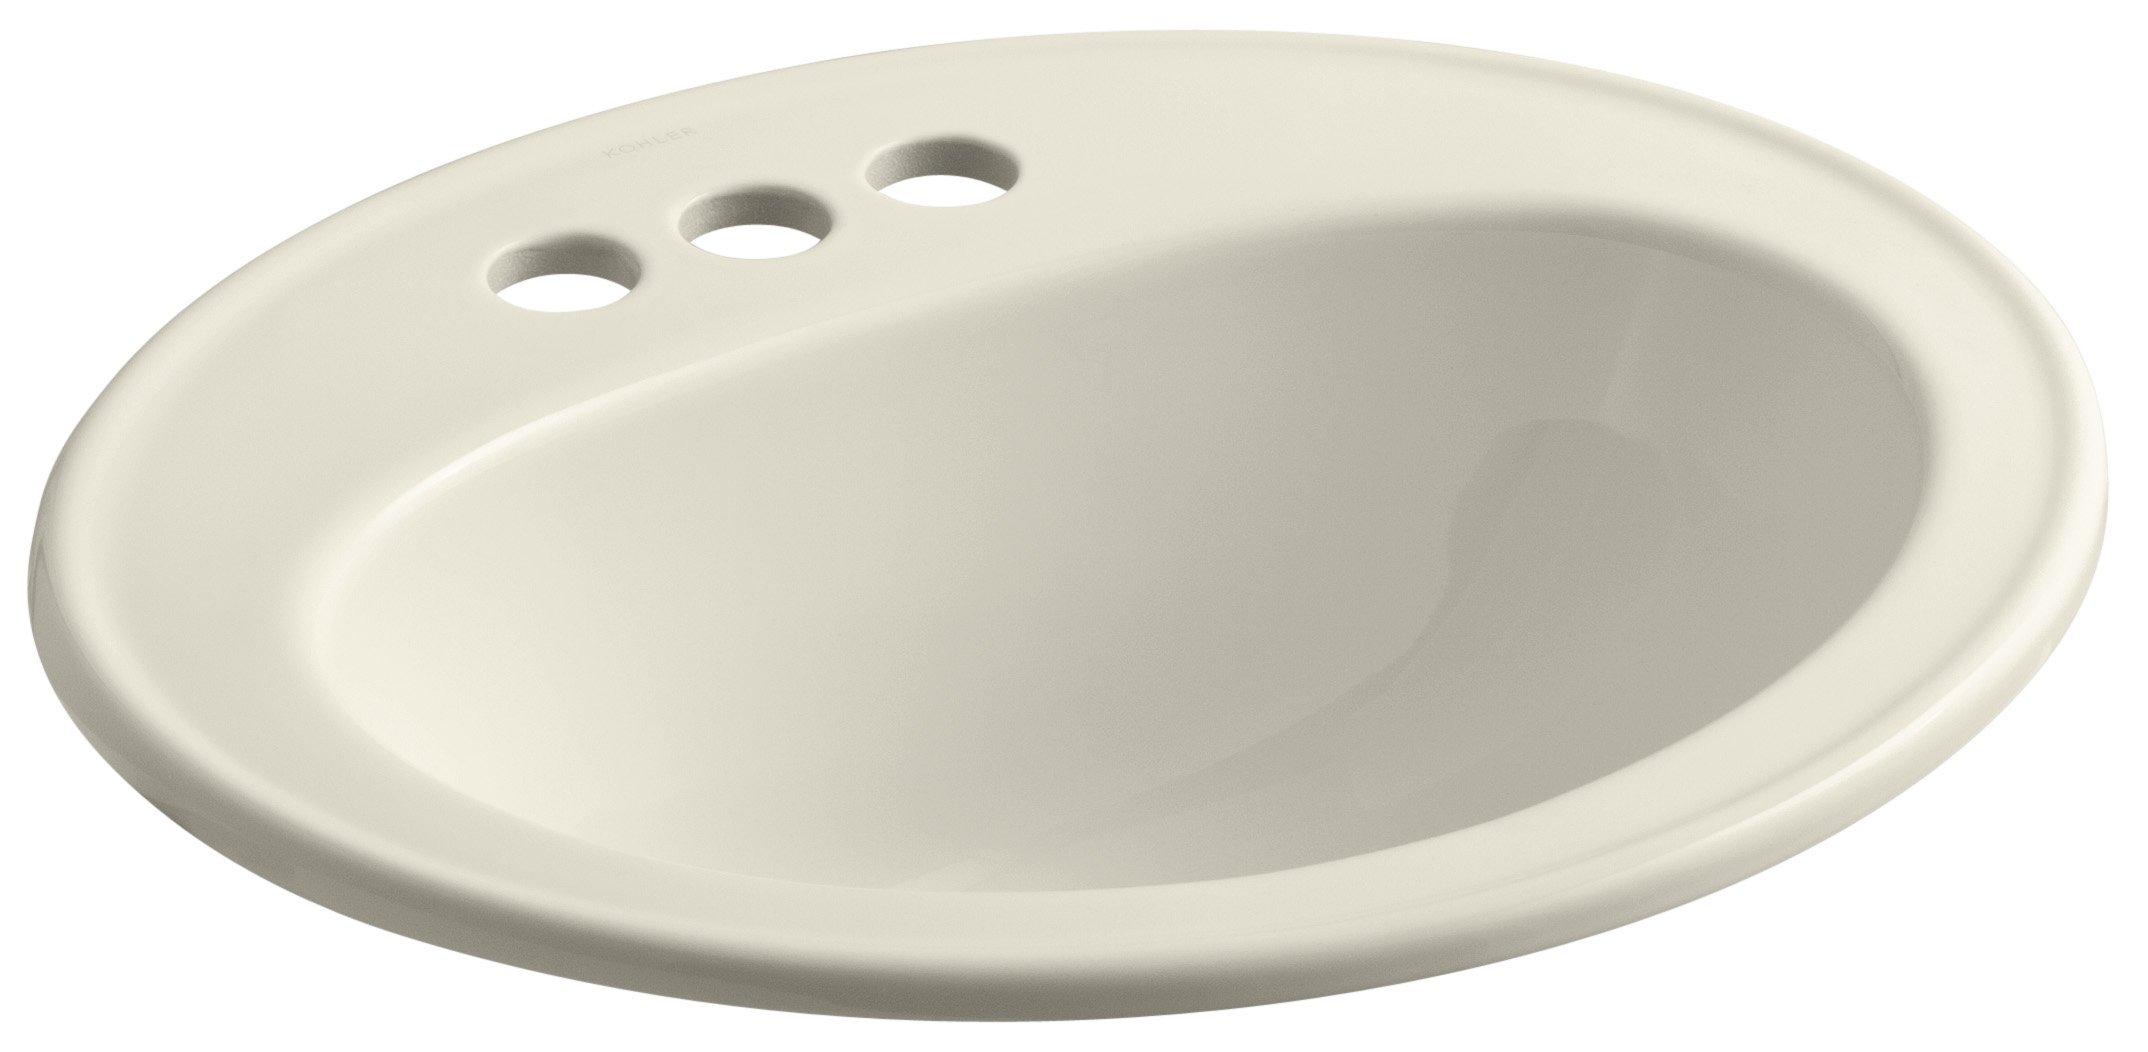 KOHLER K-2196-4-47 Pennington Self-Rimming Bathroom Sink, Almond by Kohler